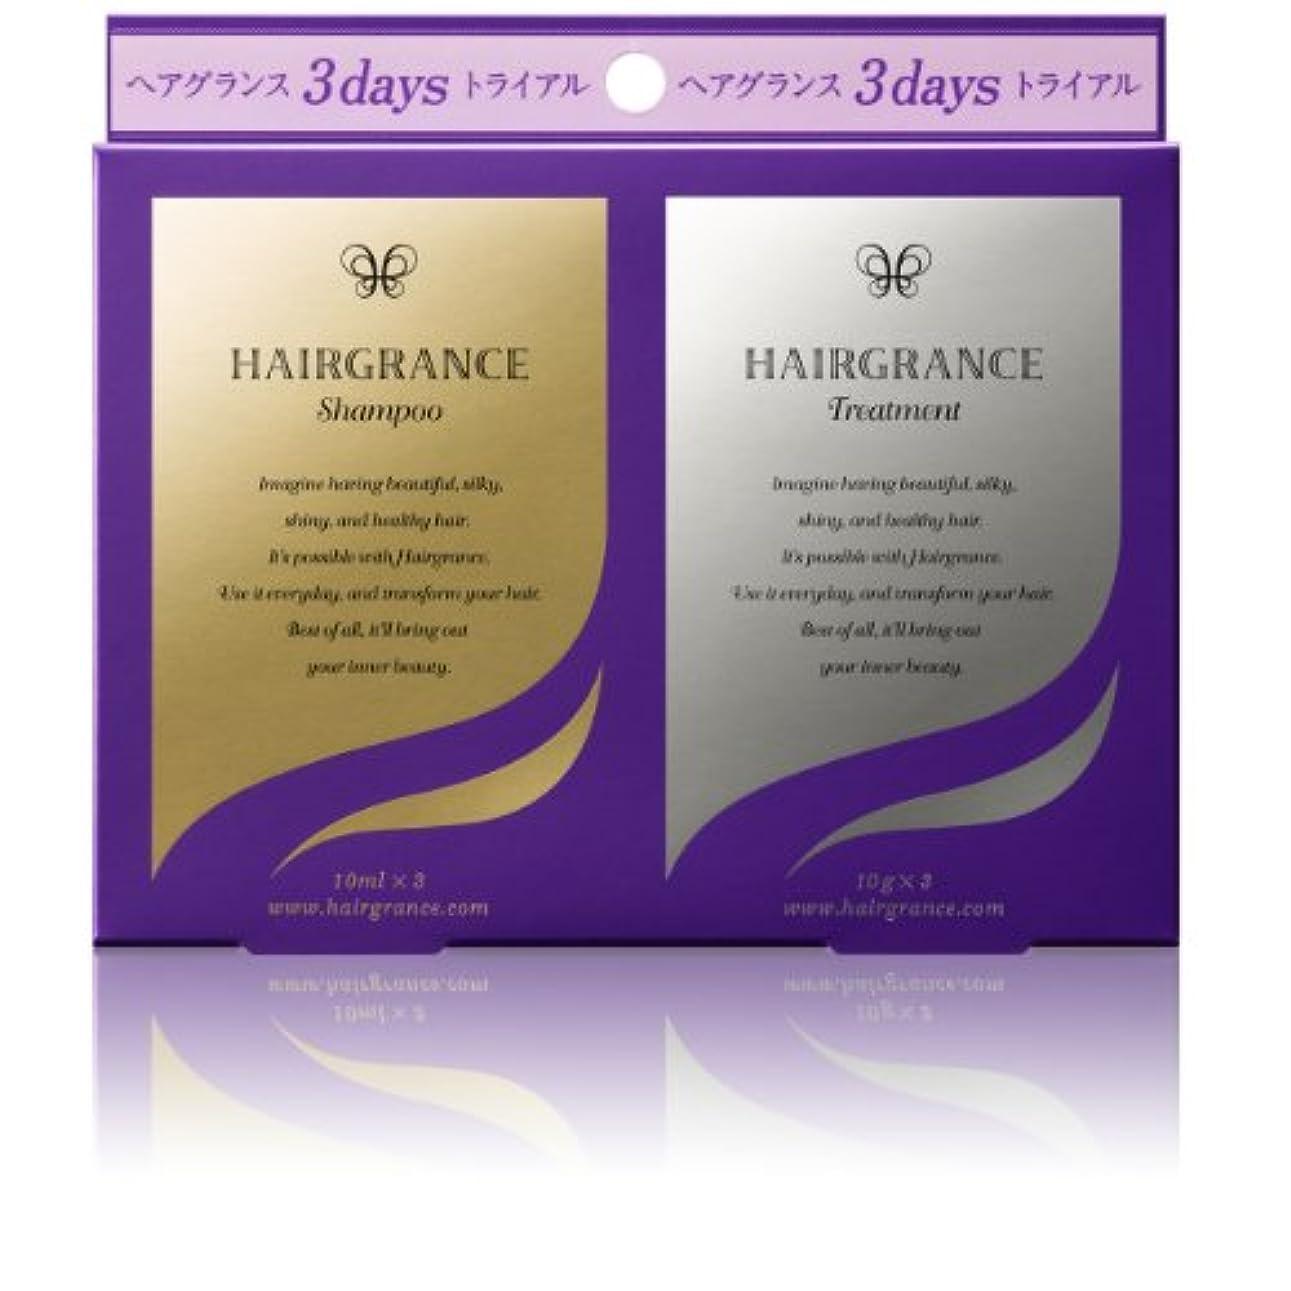 発行する対応接続されたヘアグランス01 3日間お試しセット 3回分